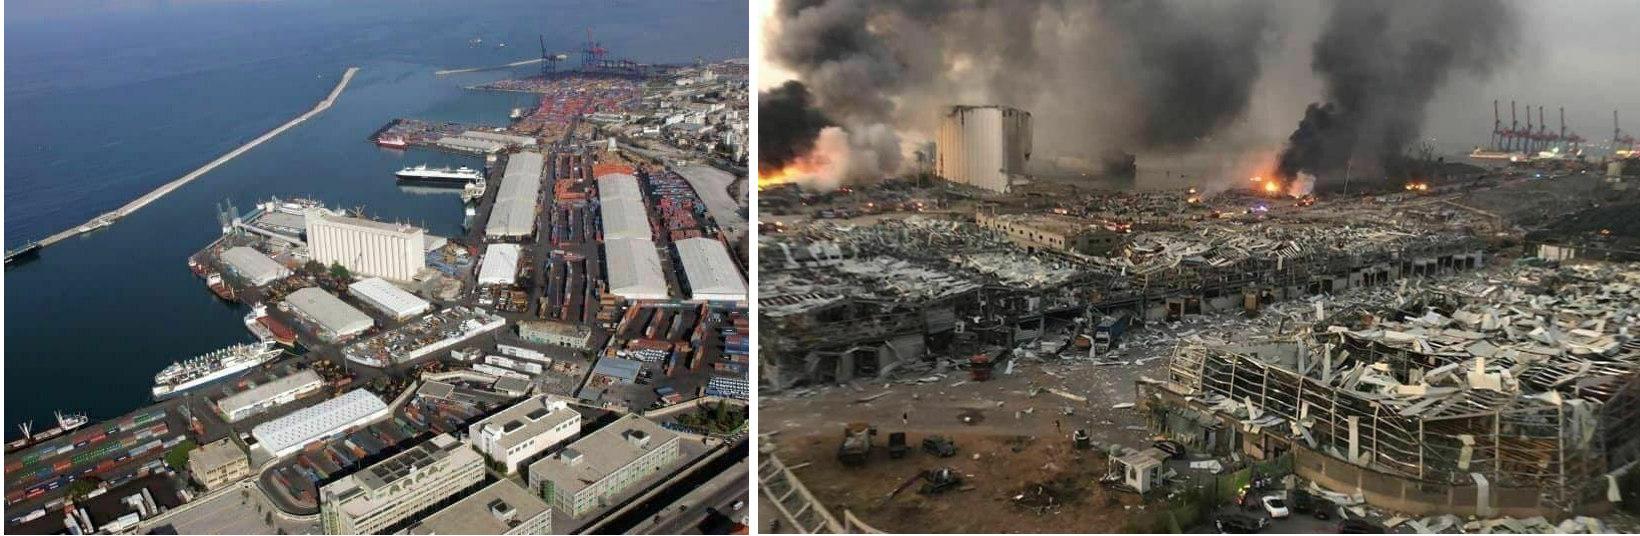 Порт в Бейруте до и после взрыва